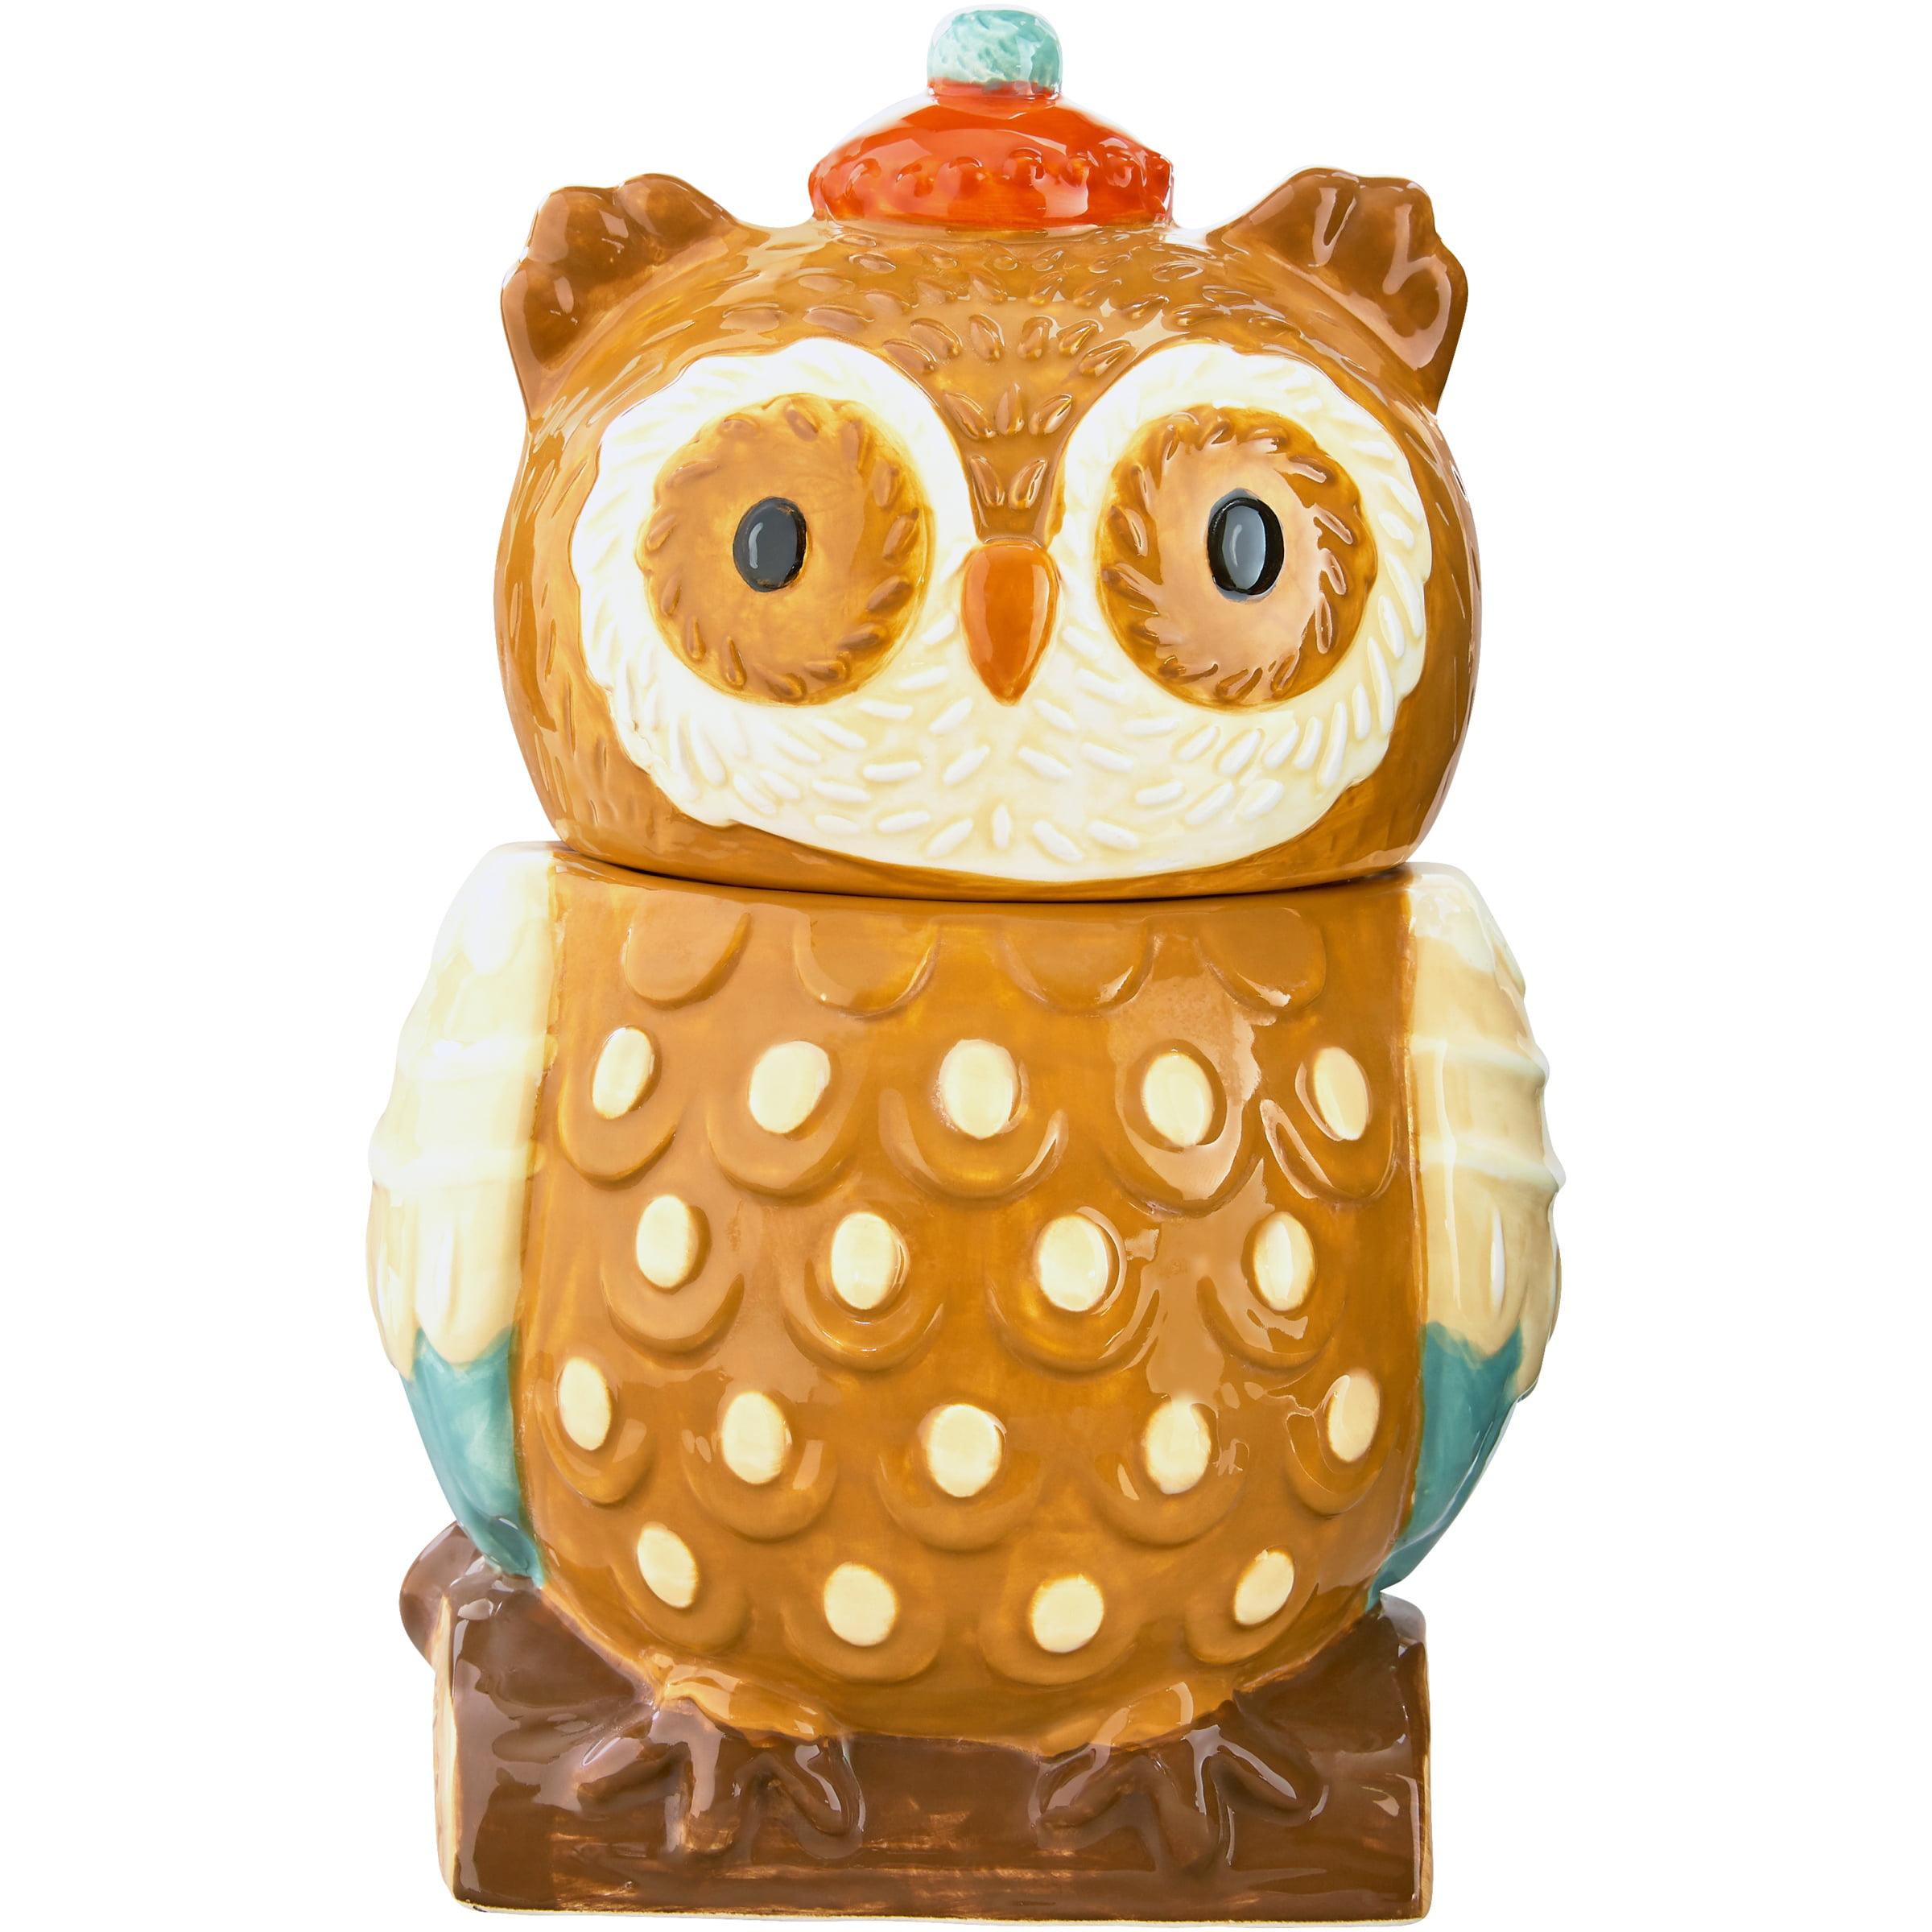 Harvest Owl Cookie Jar. by Bico International Company Ltd.